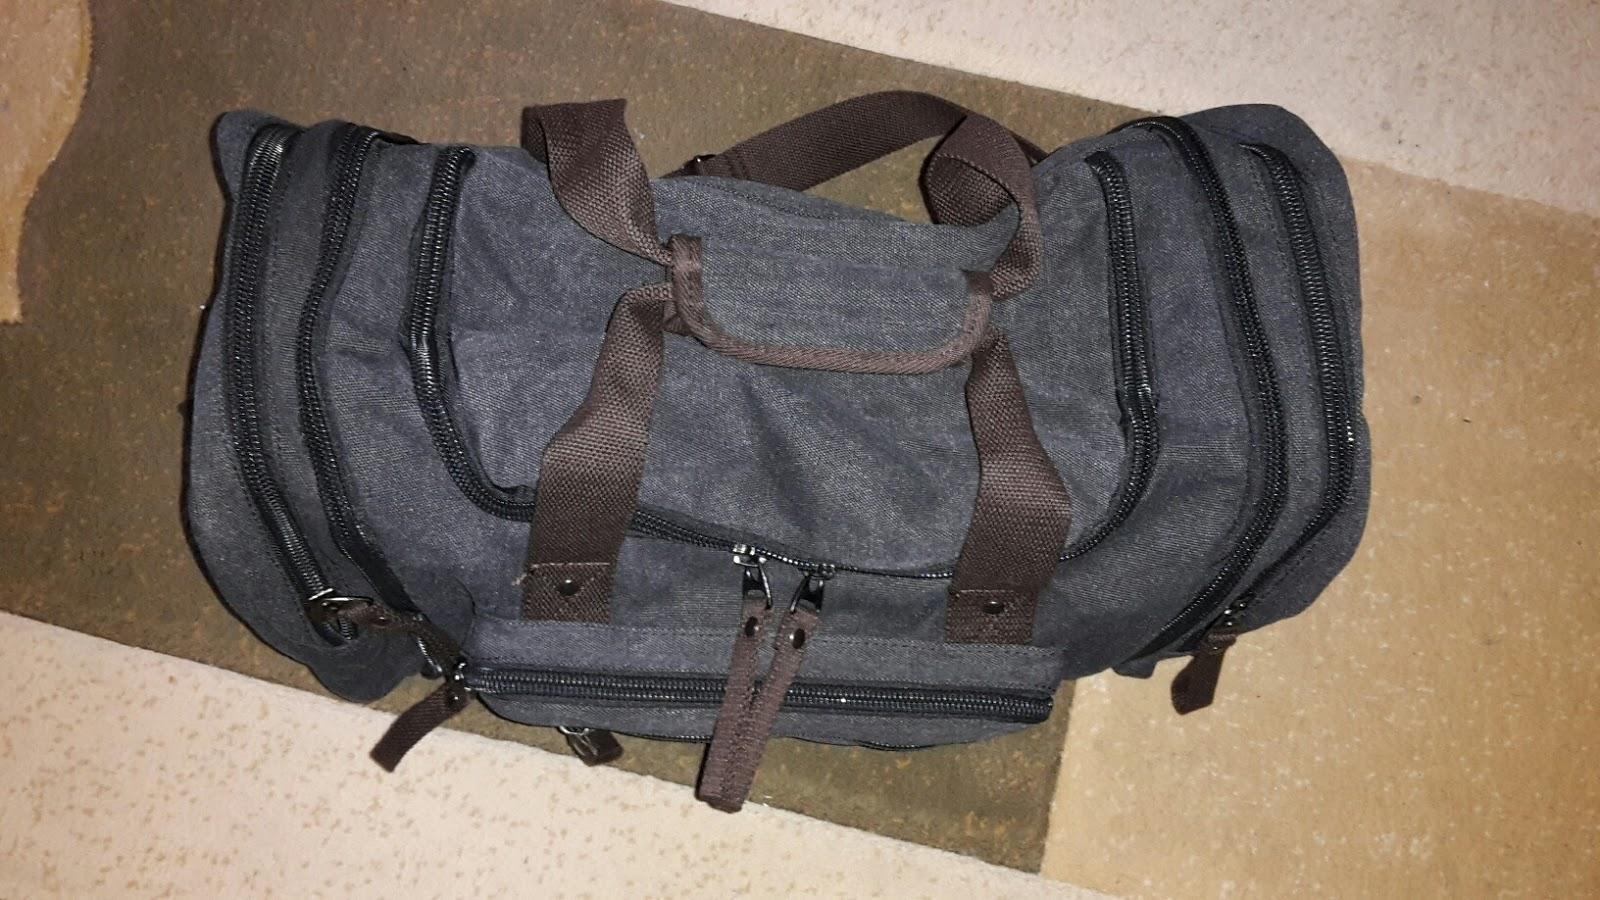 Laser Entfernungsmesser Handgepäck : Monas blog: fafada 40l canvas sporttasche reisetasche großräumige